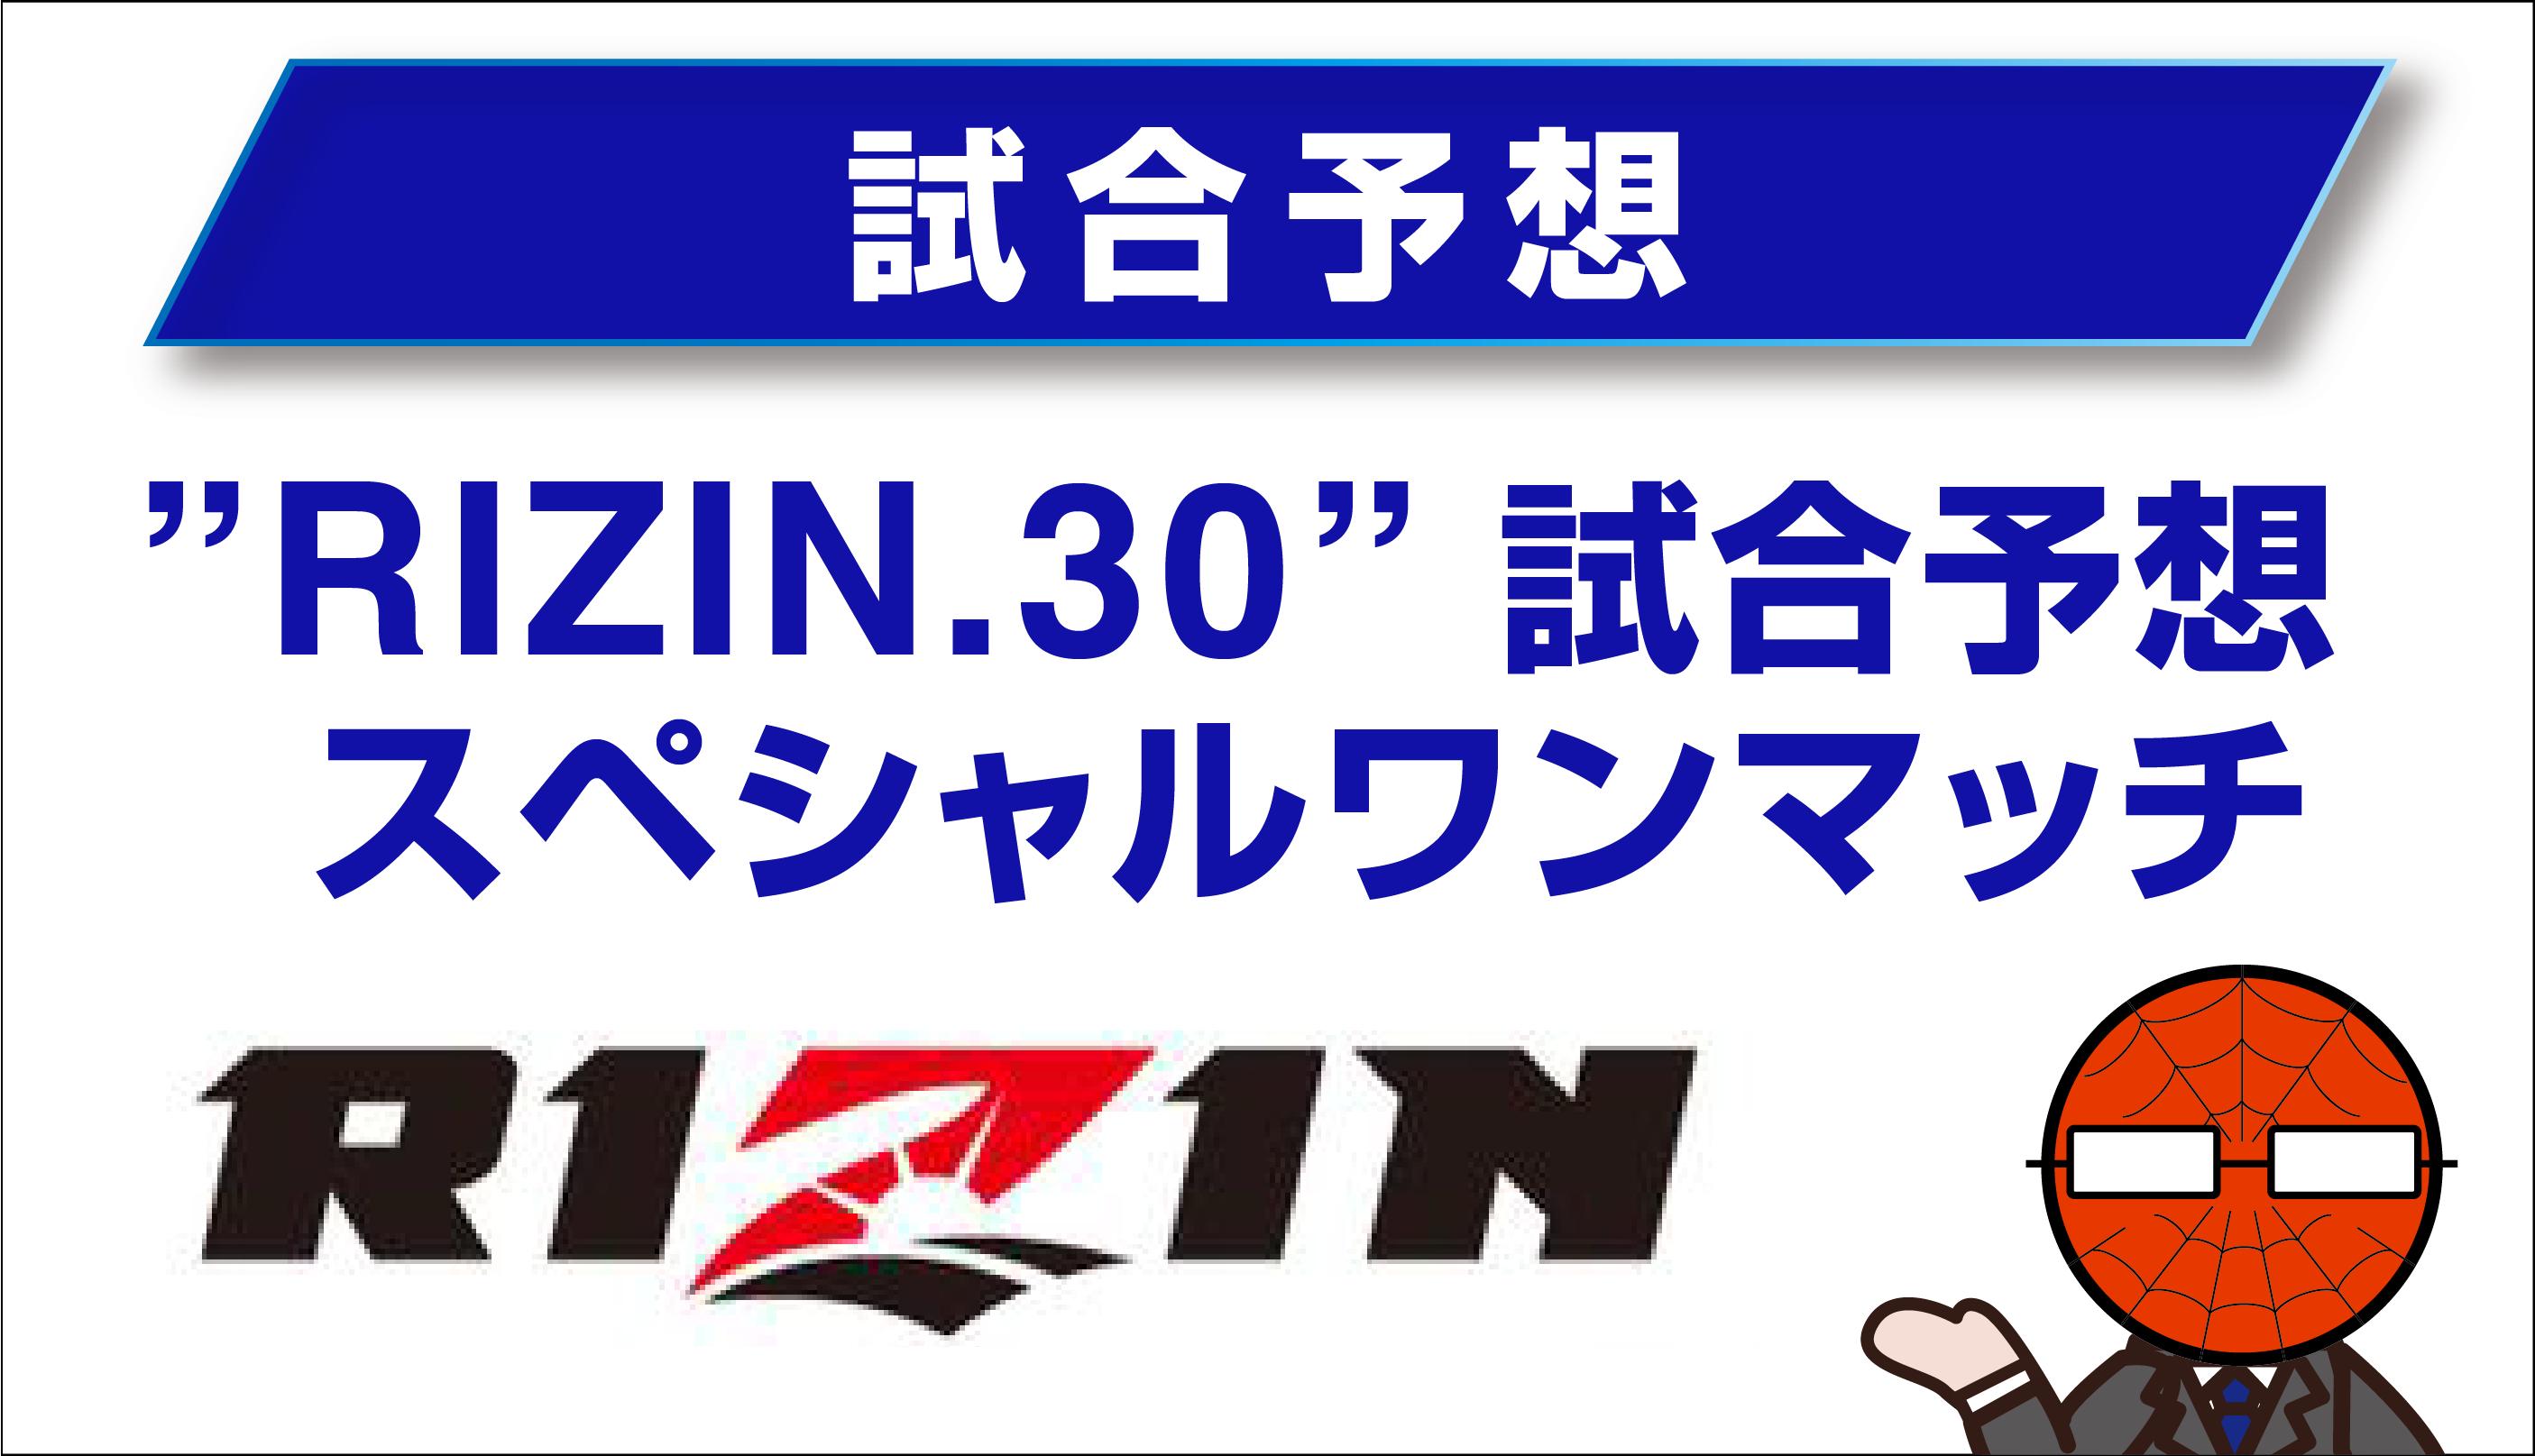 rizin-30